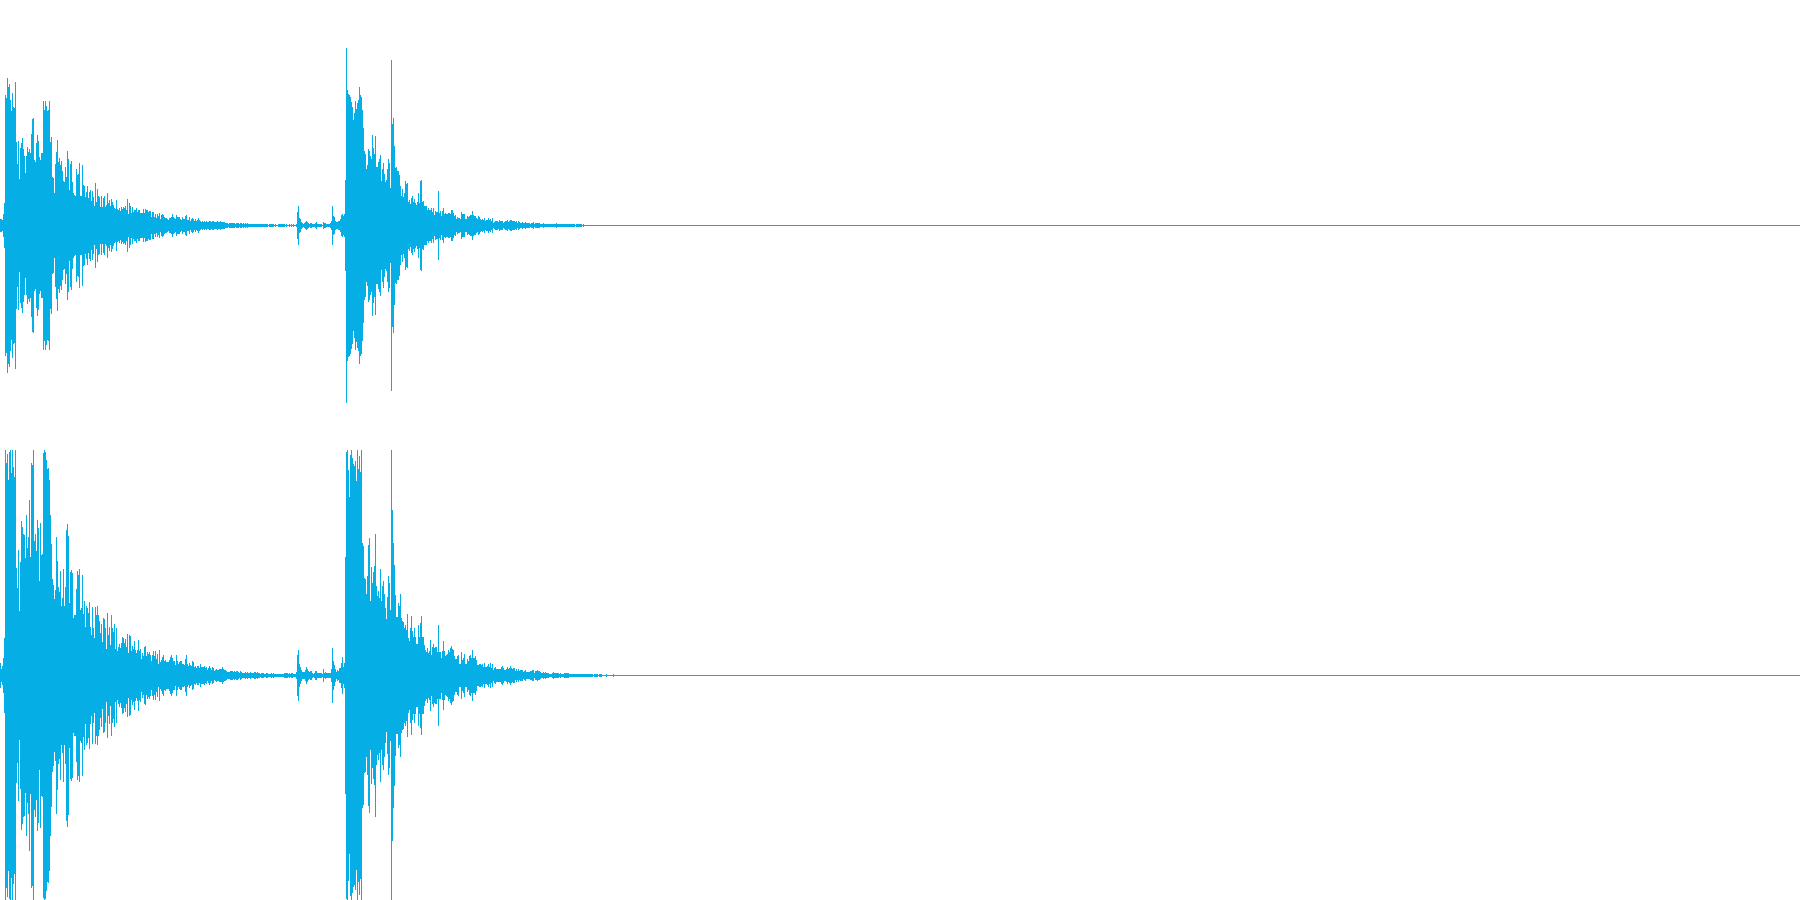 ホチキス音01の再生済みの波形